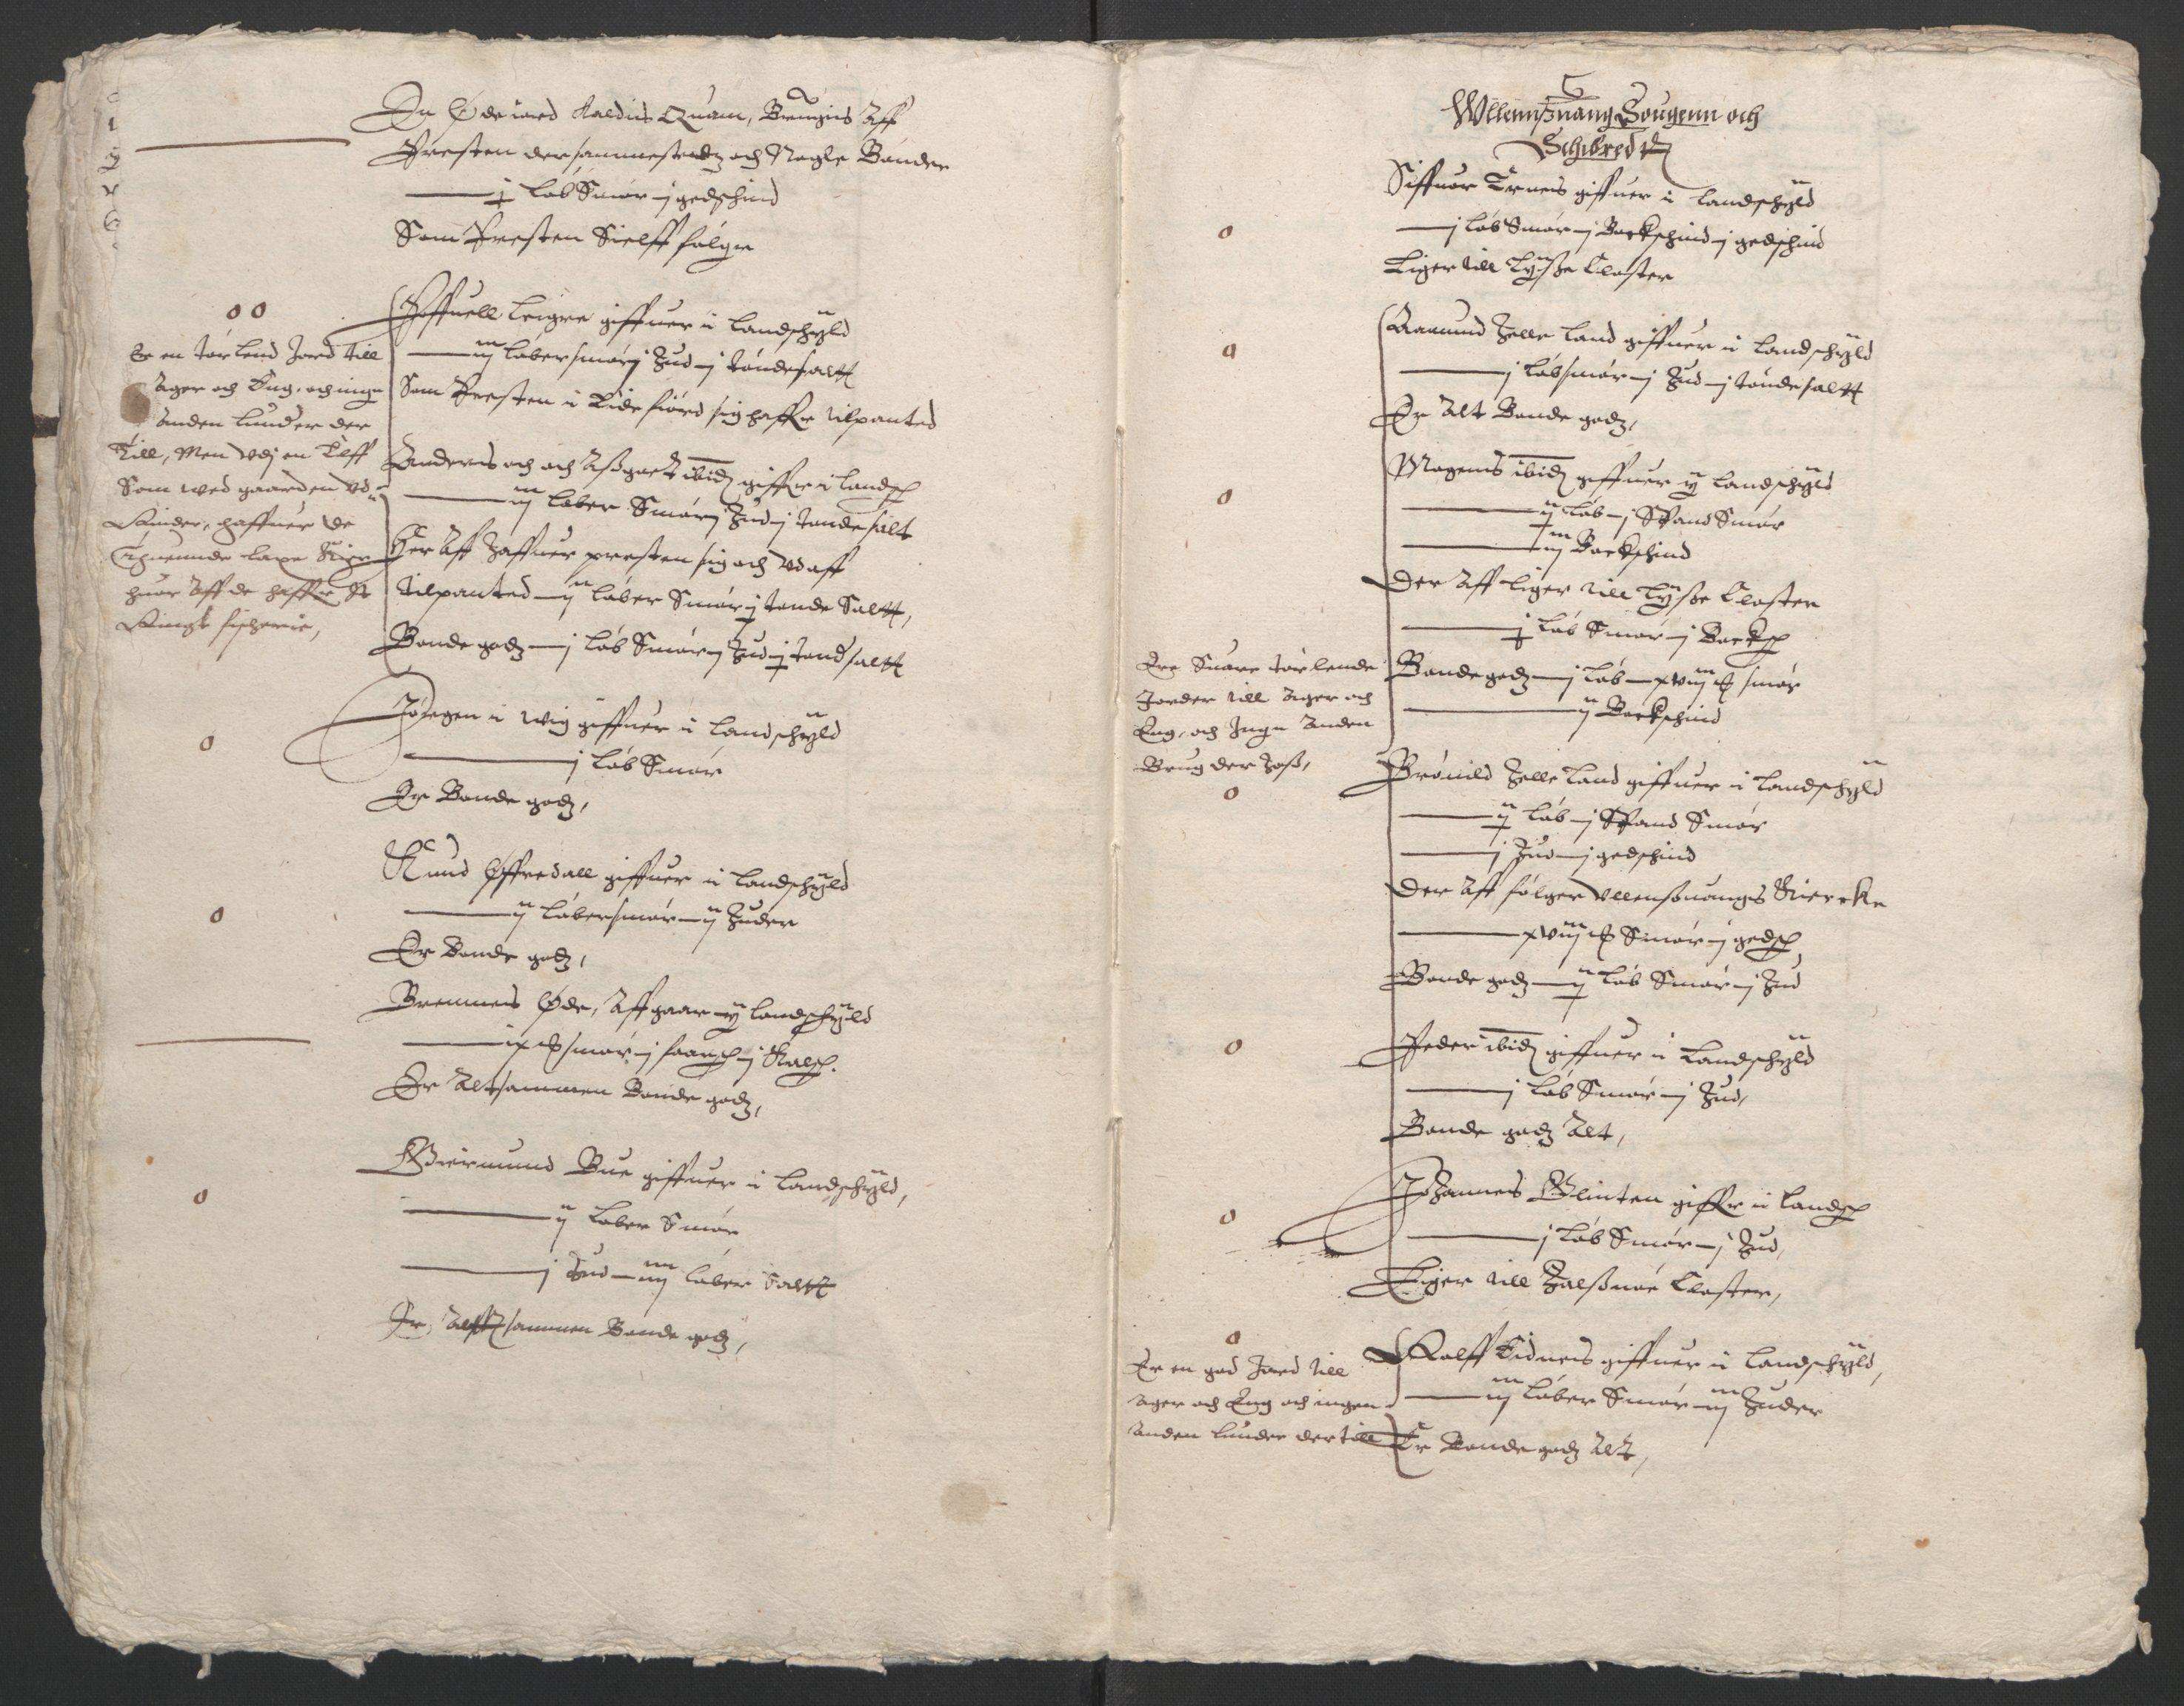 RA, Stattholderembetet 1572-1771, Ek/L0004: Jordebøker til utlikning av garnisonsskatt 1624-1626:, 1626, s. 241